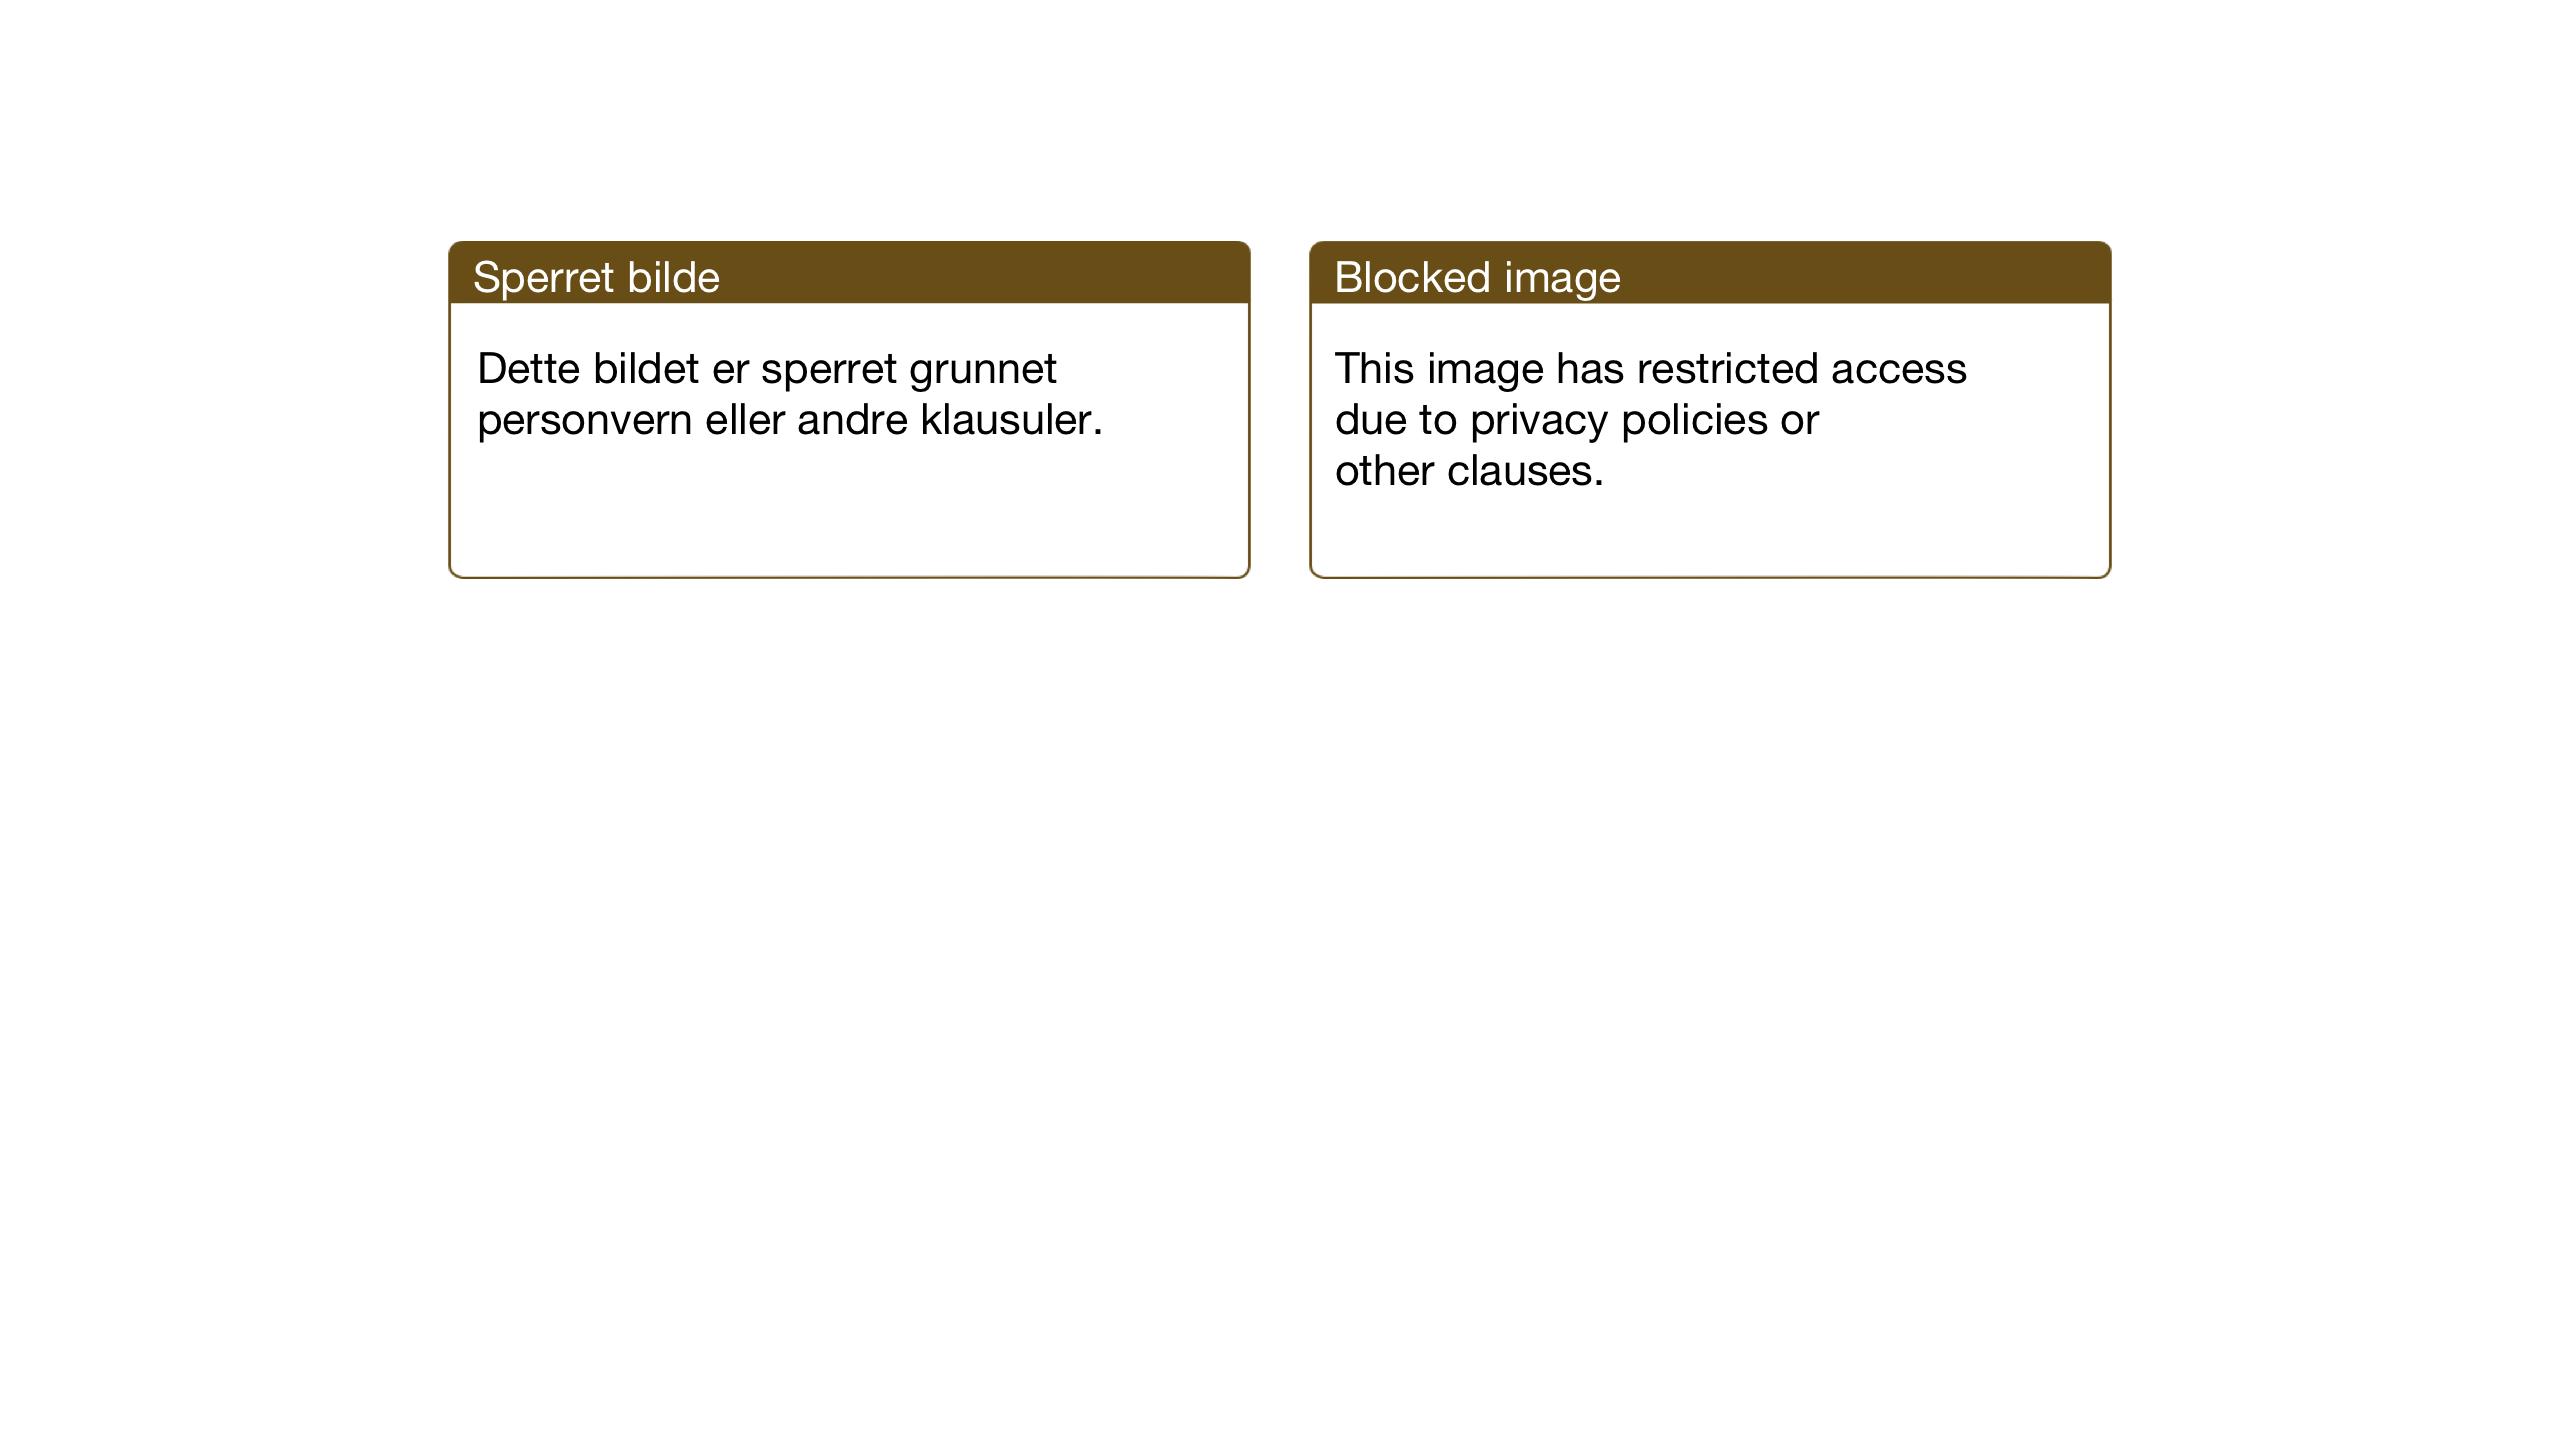 SAT, Ministerialprotokoller, klokkerbøker og fødselsregistre - Sør-Trøndelag, 698/L1169: Klokkerbok nr. 698C06, 1930-1949, s. 84